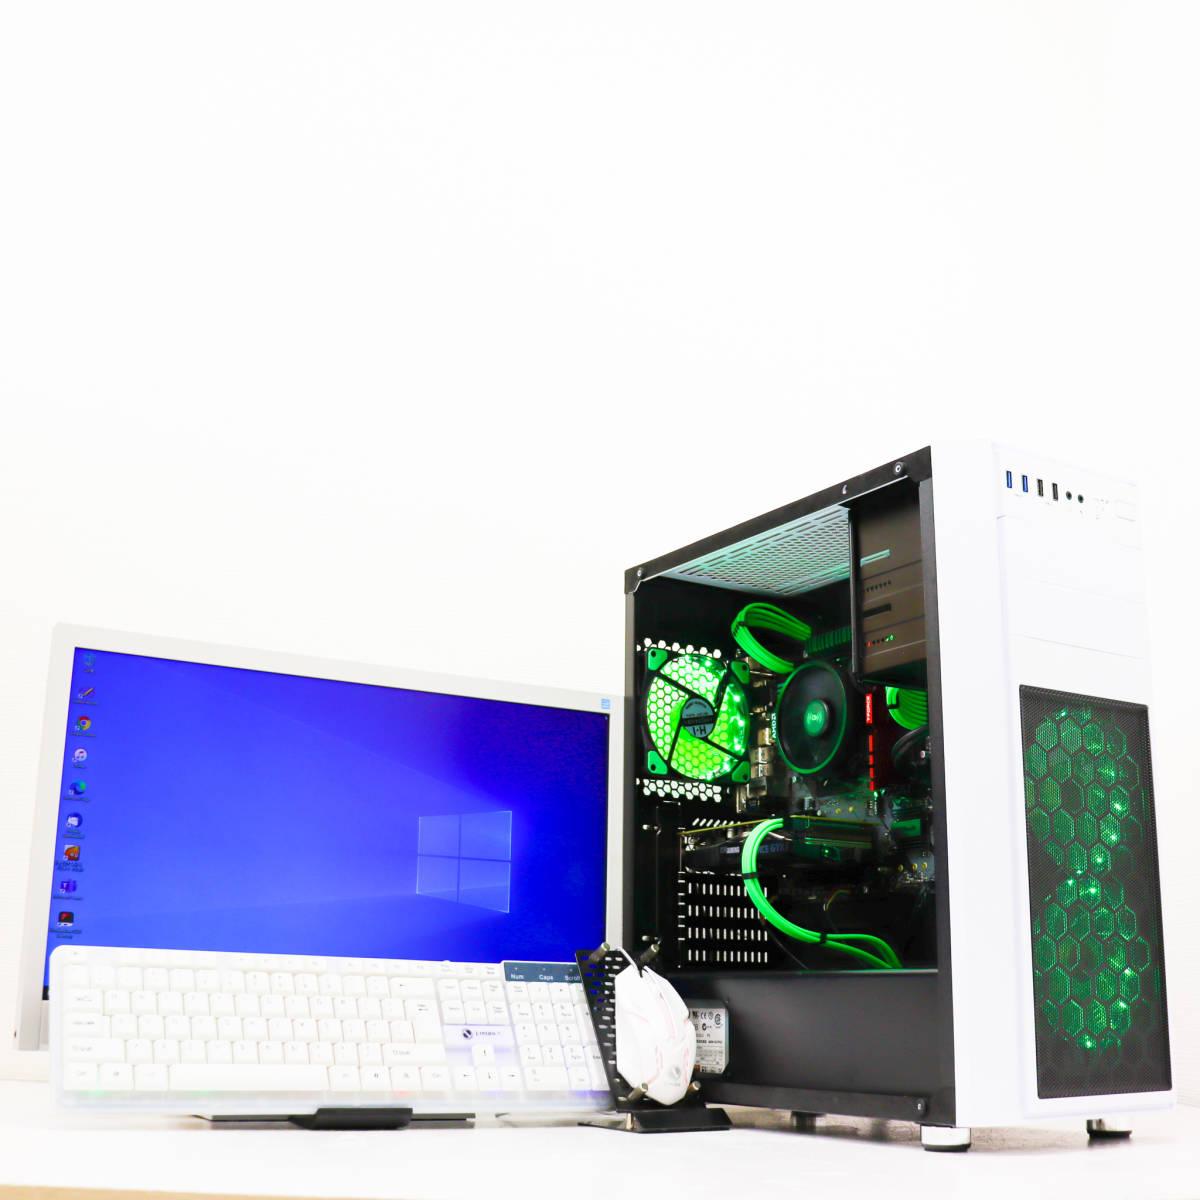 【極品ホワイトゲーミングPC一式セット】Ryzen5 3500/GTX1660super/FX/株/ストレージ6000GB/office/4画面同時出力/SSD240GB/Wifi/領収可能!